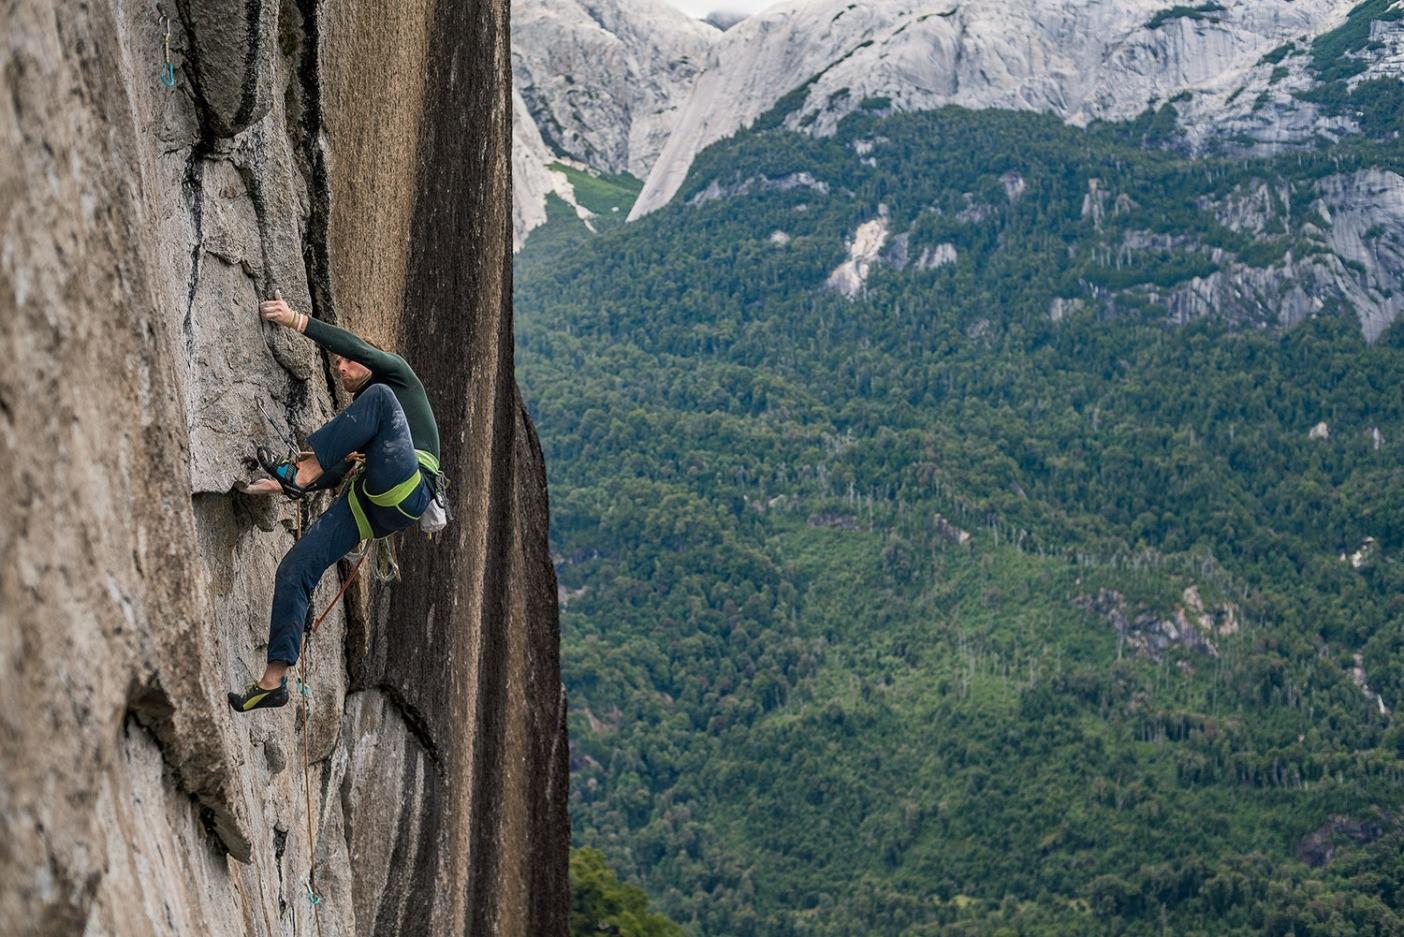 9a/5.14dの核心ピッチのシークエンス(フットホールドのないアンダーホールド帯からのっぺりとした壁へとつづく長いトラバース)をついに解決し、フリー完登への新たな希望を見出すロビー。Photo: Drew Smith